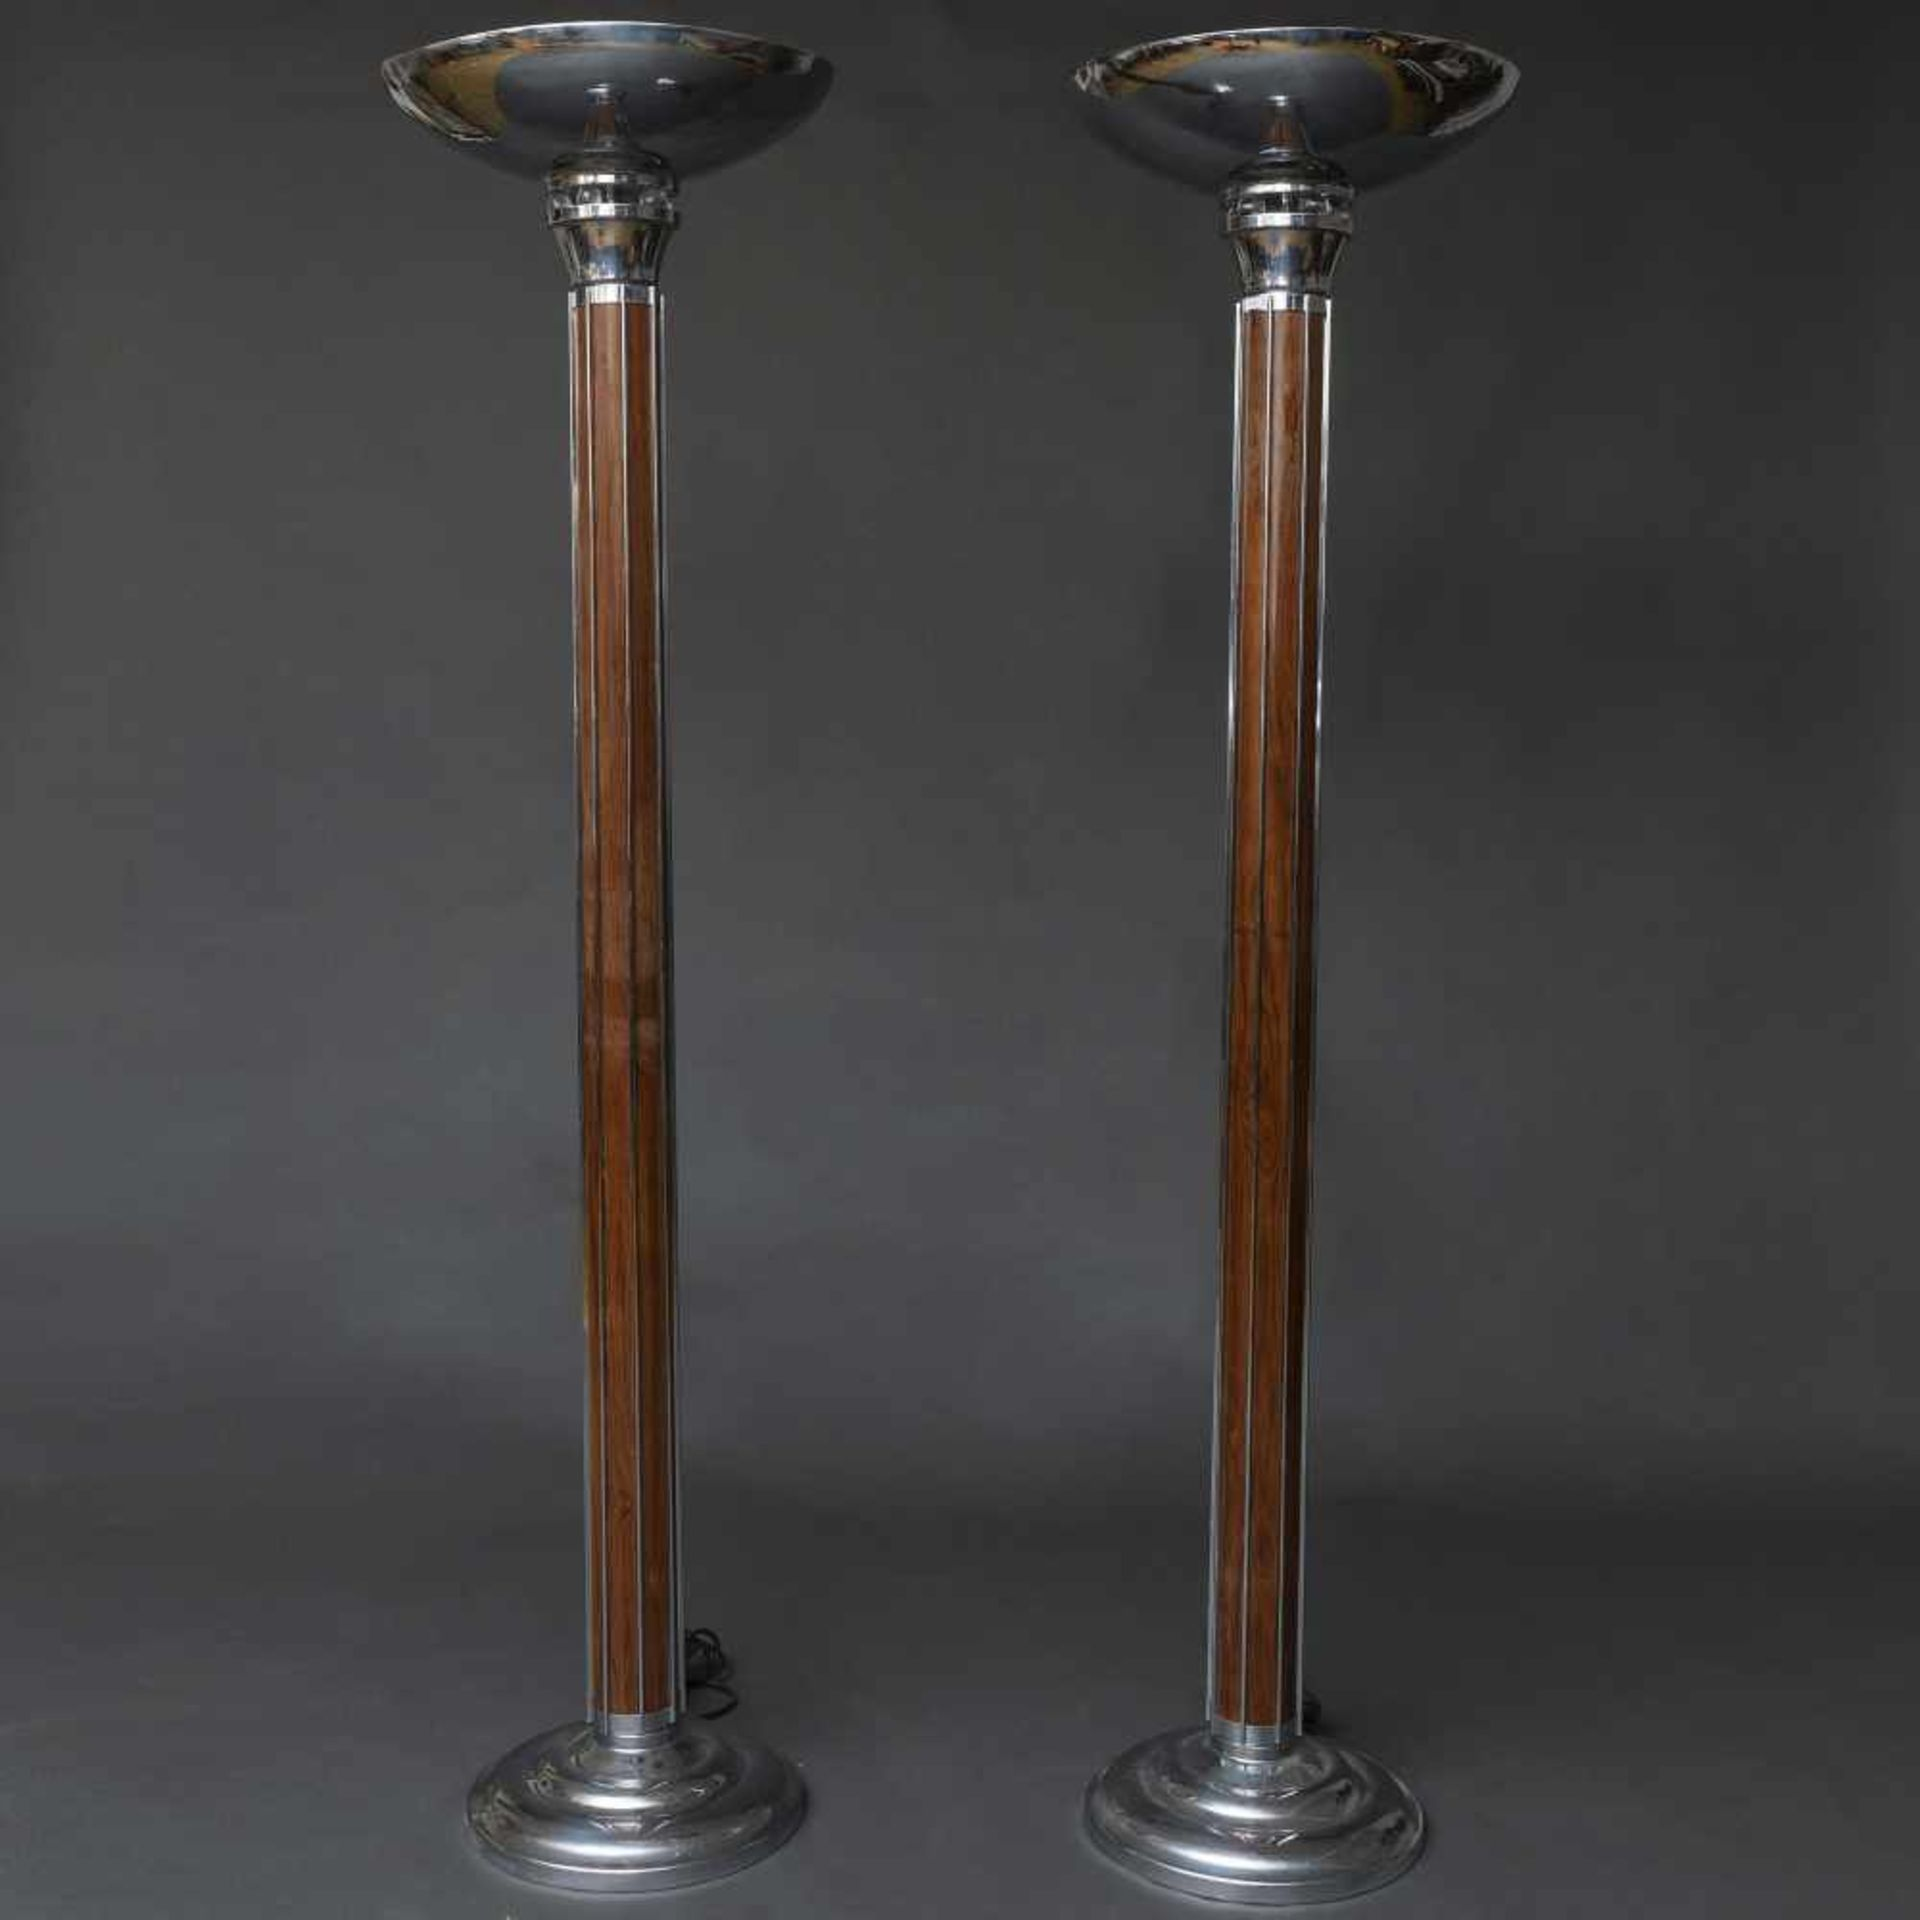 Los 19 - Pareja de lámparas de pie estilo Art Decó en madera y metal plateado.Presentan fuste acanalado...